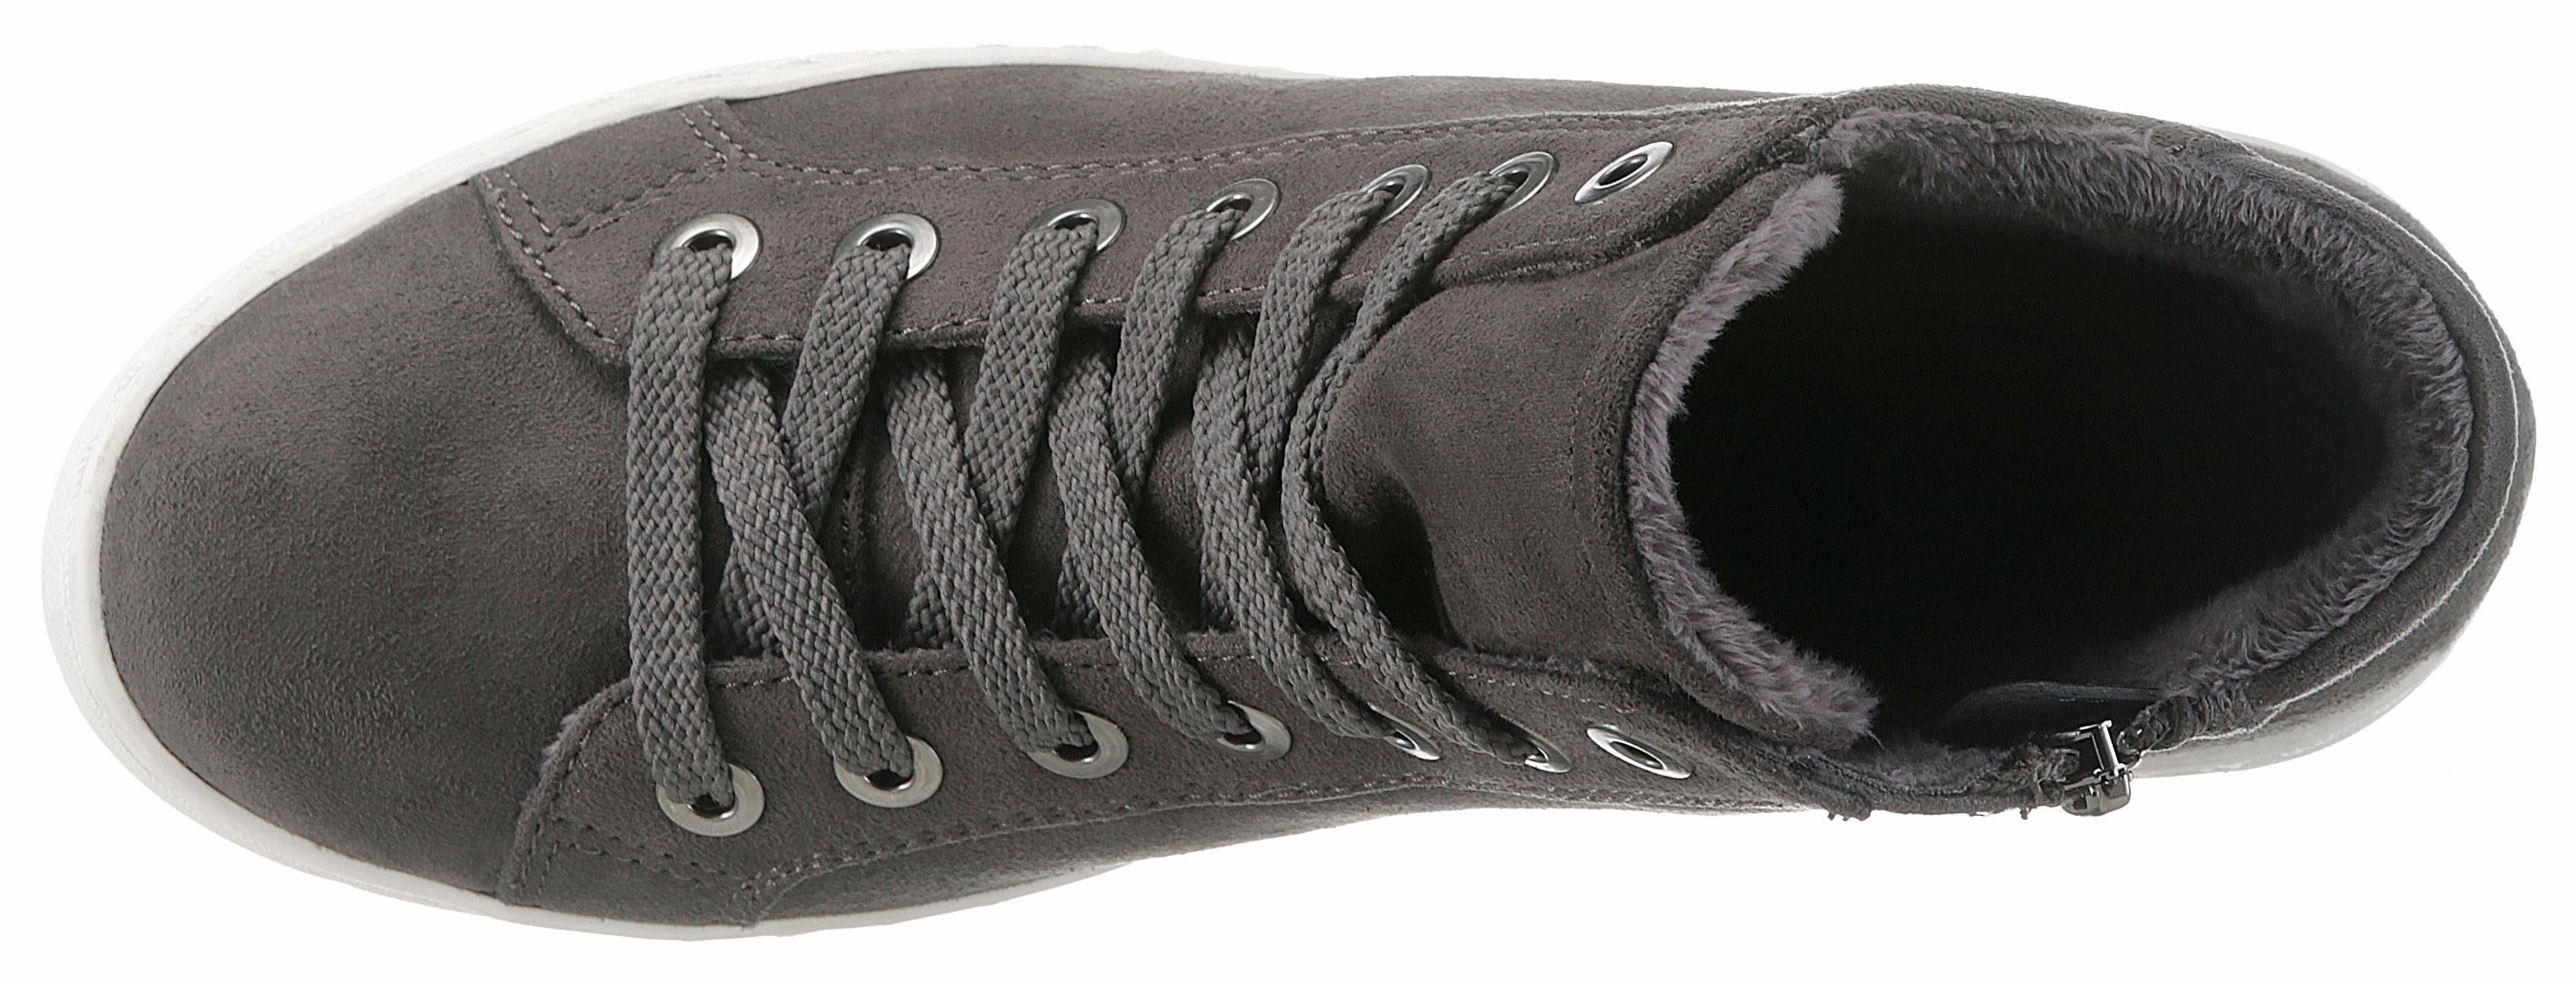 Tom Tailor Sneaker, in schöner Farbpalette kaufen  grau